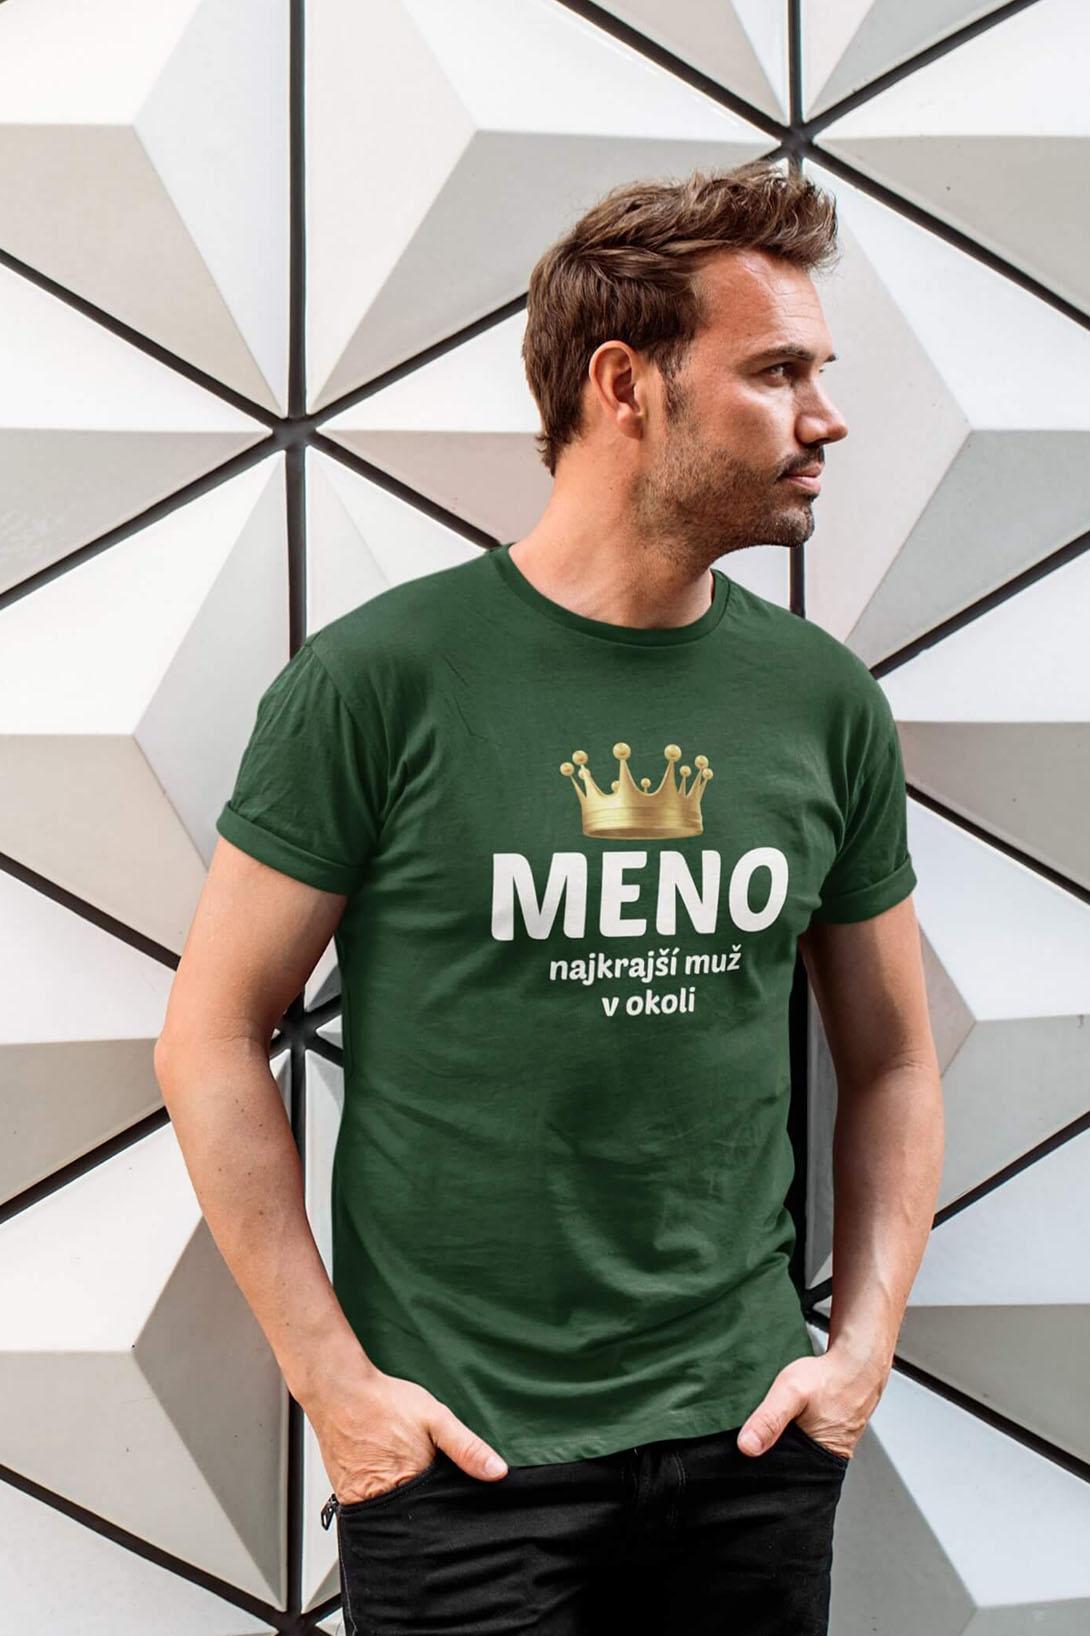 MMO Pánske tričko Najkrajší muž v okolí Vyberte farbu: Čierna, Vyberte veľkosť: S